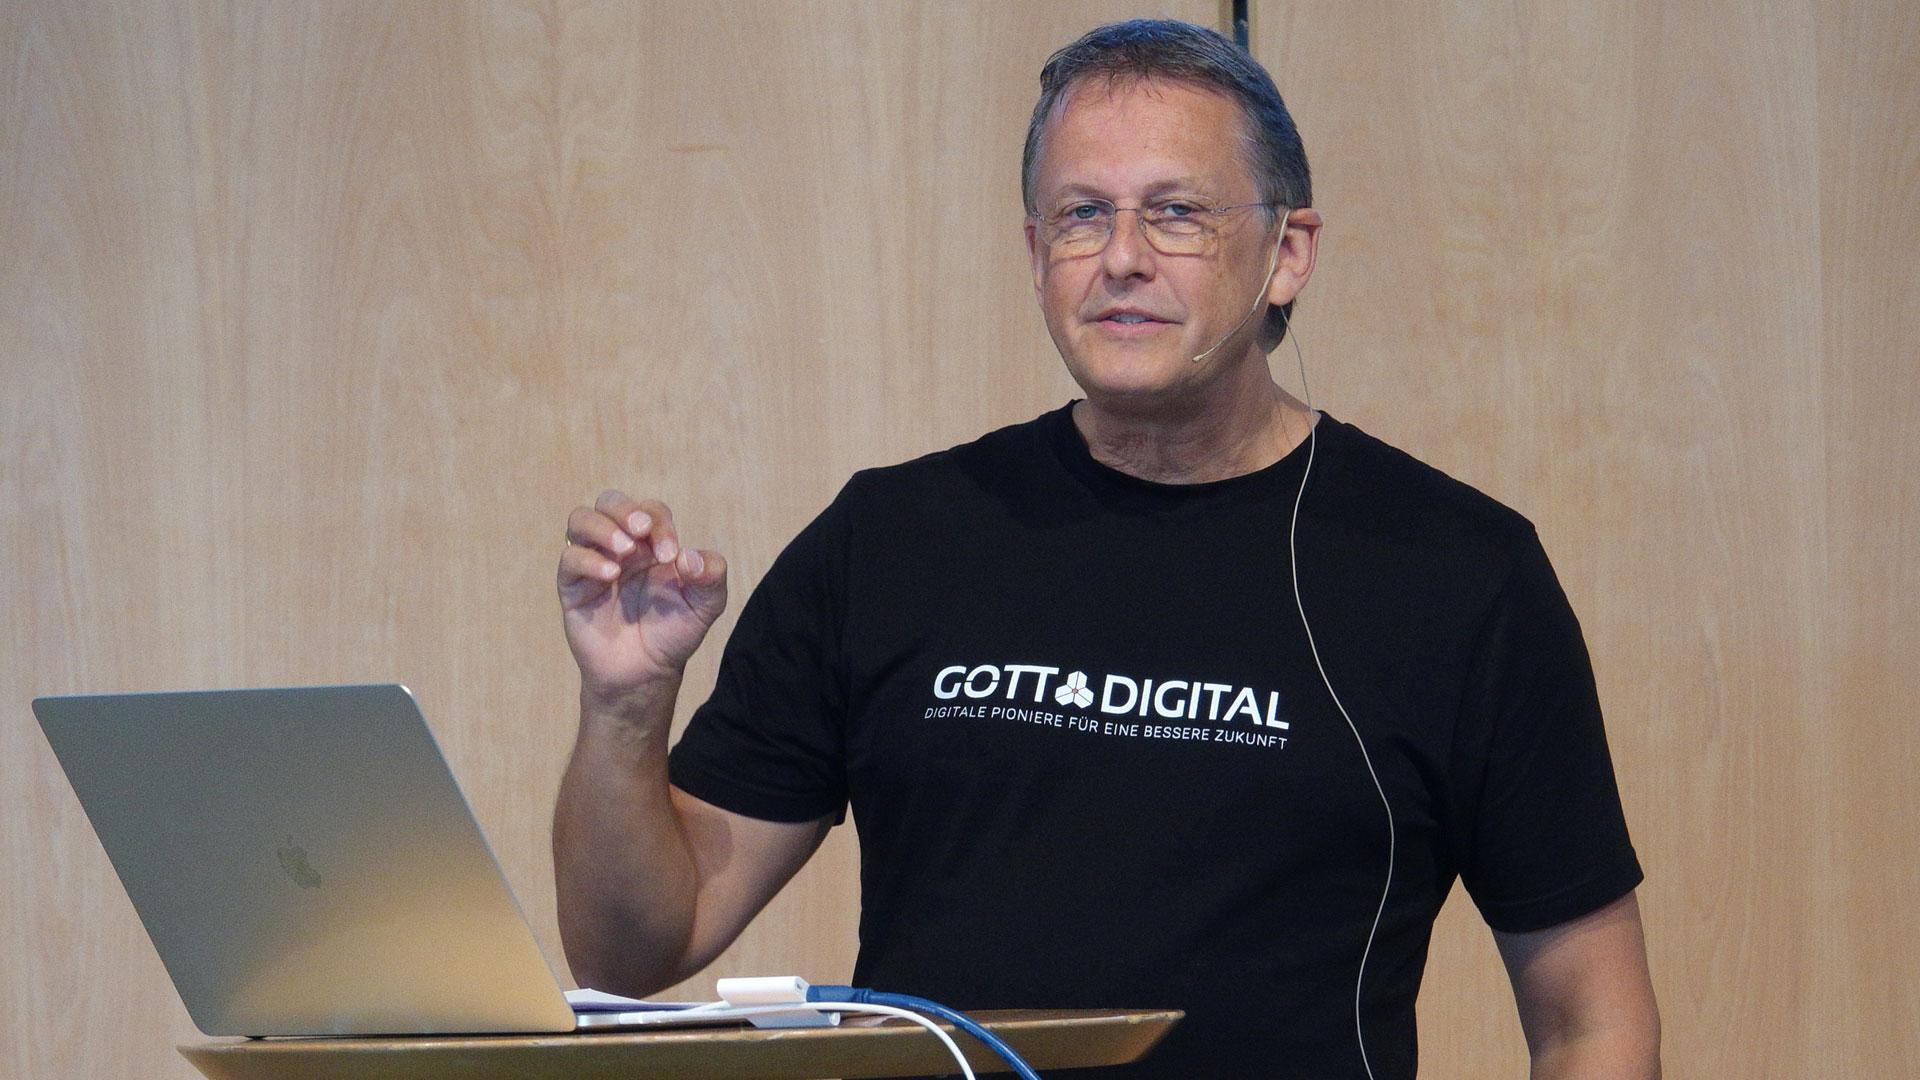 Guido Falkenberg ist einer der Initiatoren der Konferenz. Der Informatiker liebt digitale Technologien.